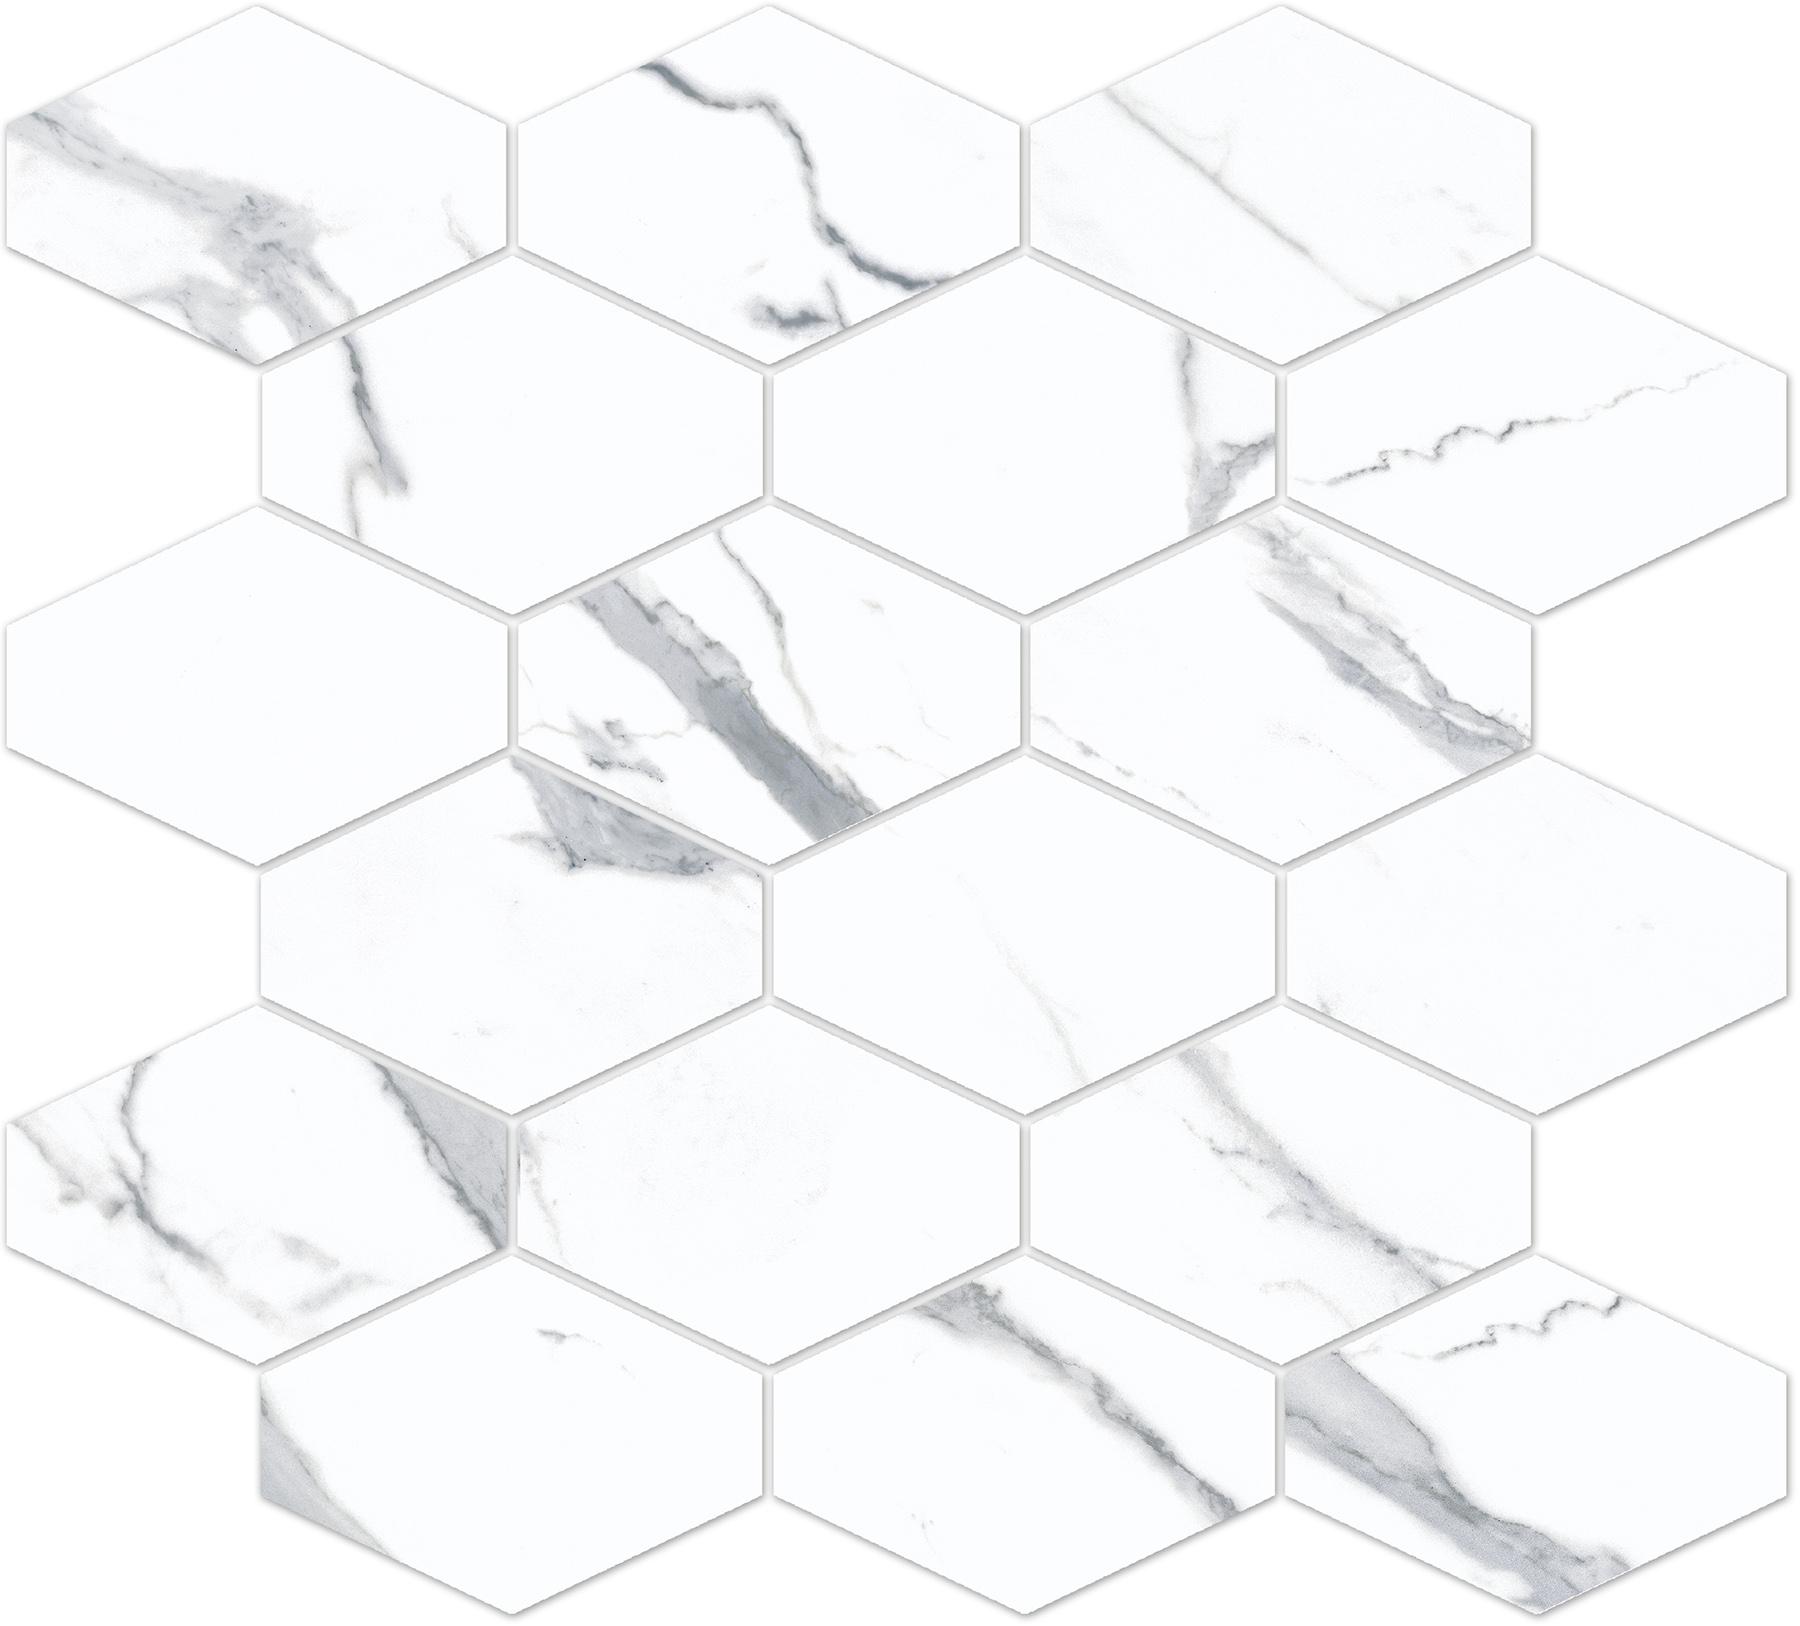 8881/820, Bernini Stone, Valkoinen, lattia,mosaiikki